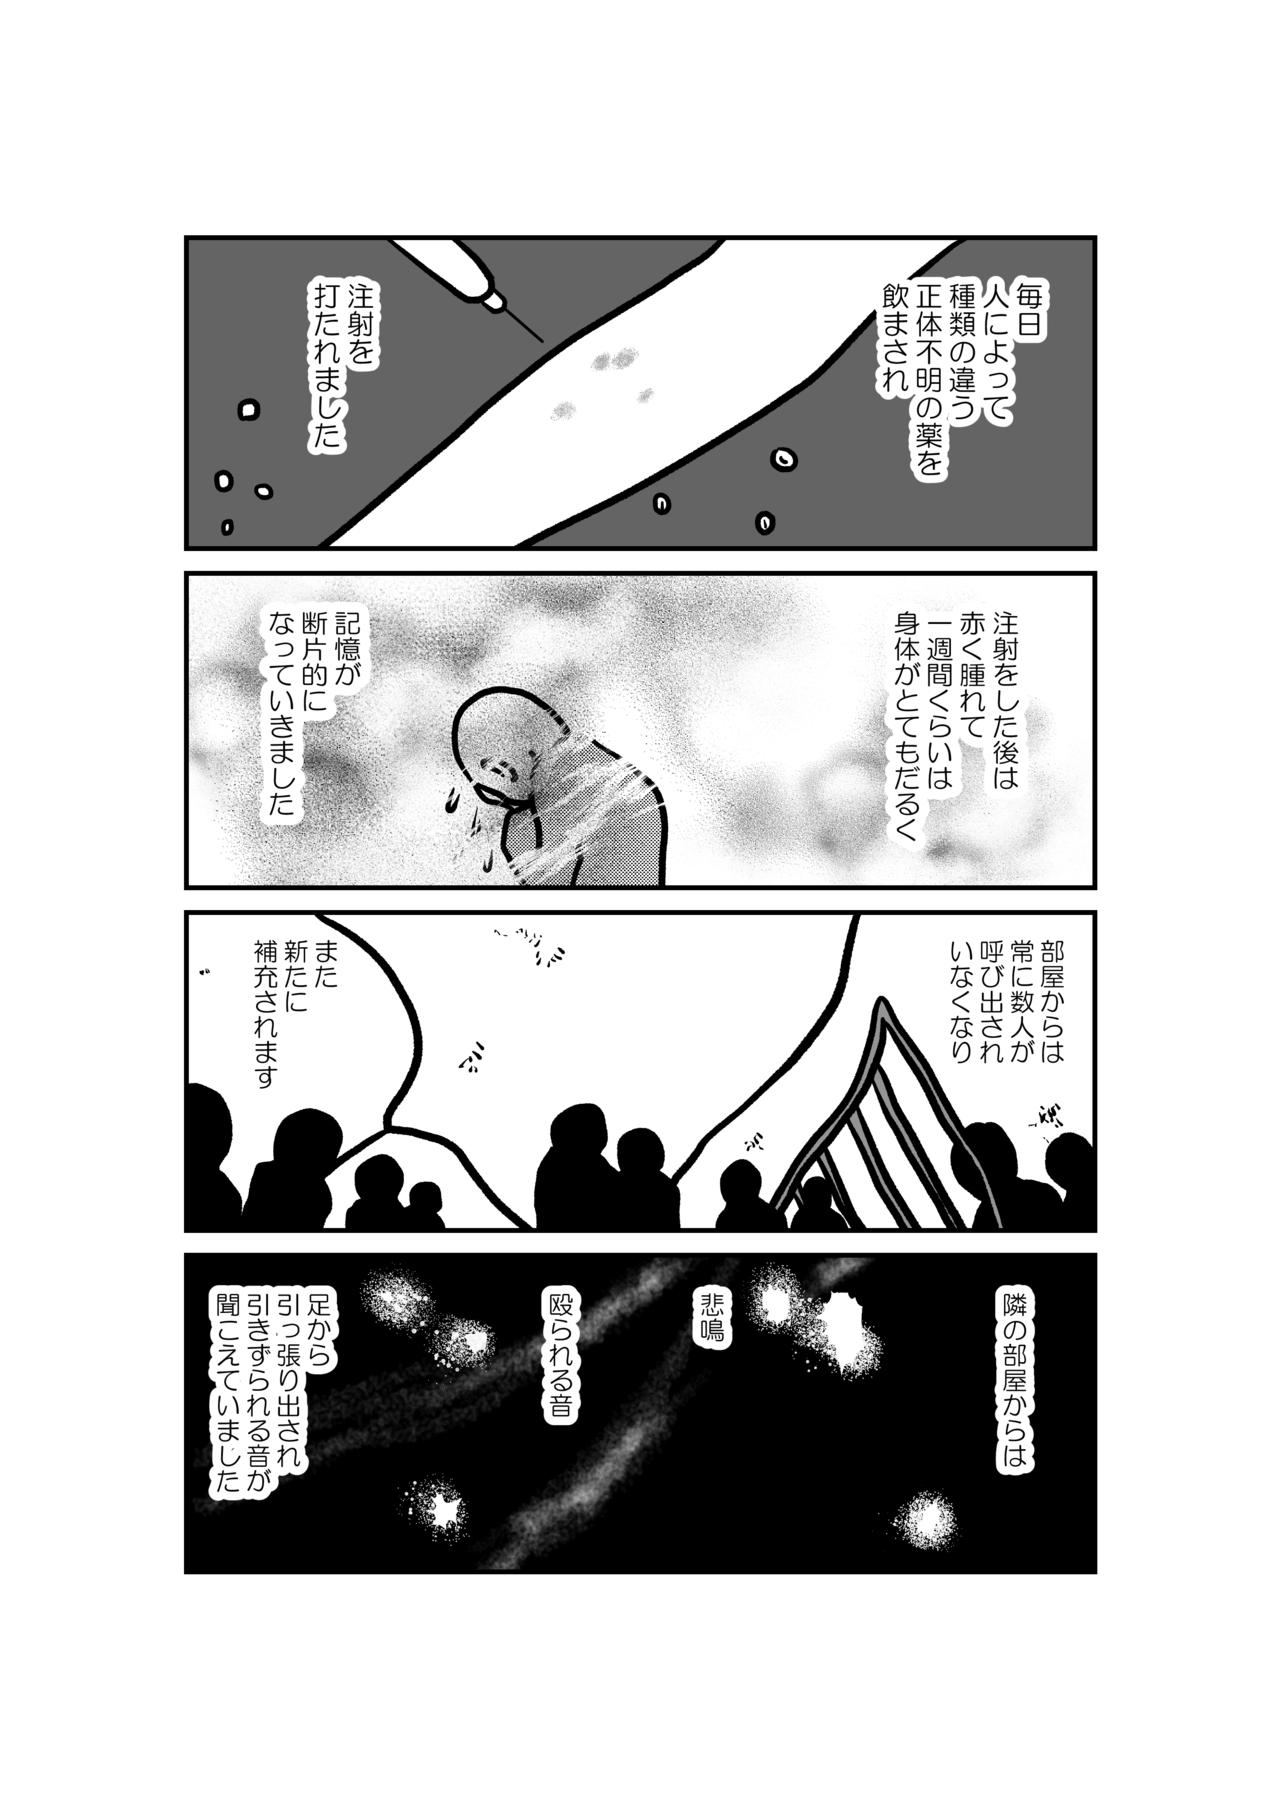 証言集会マンガ08